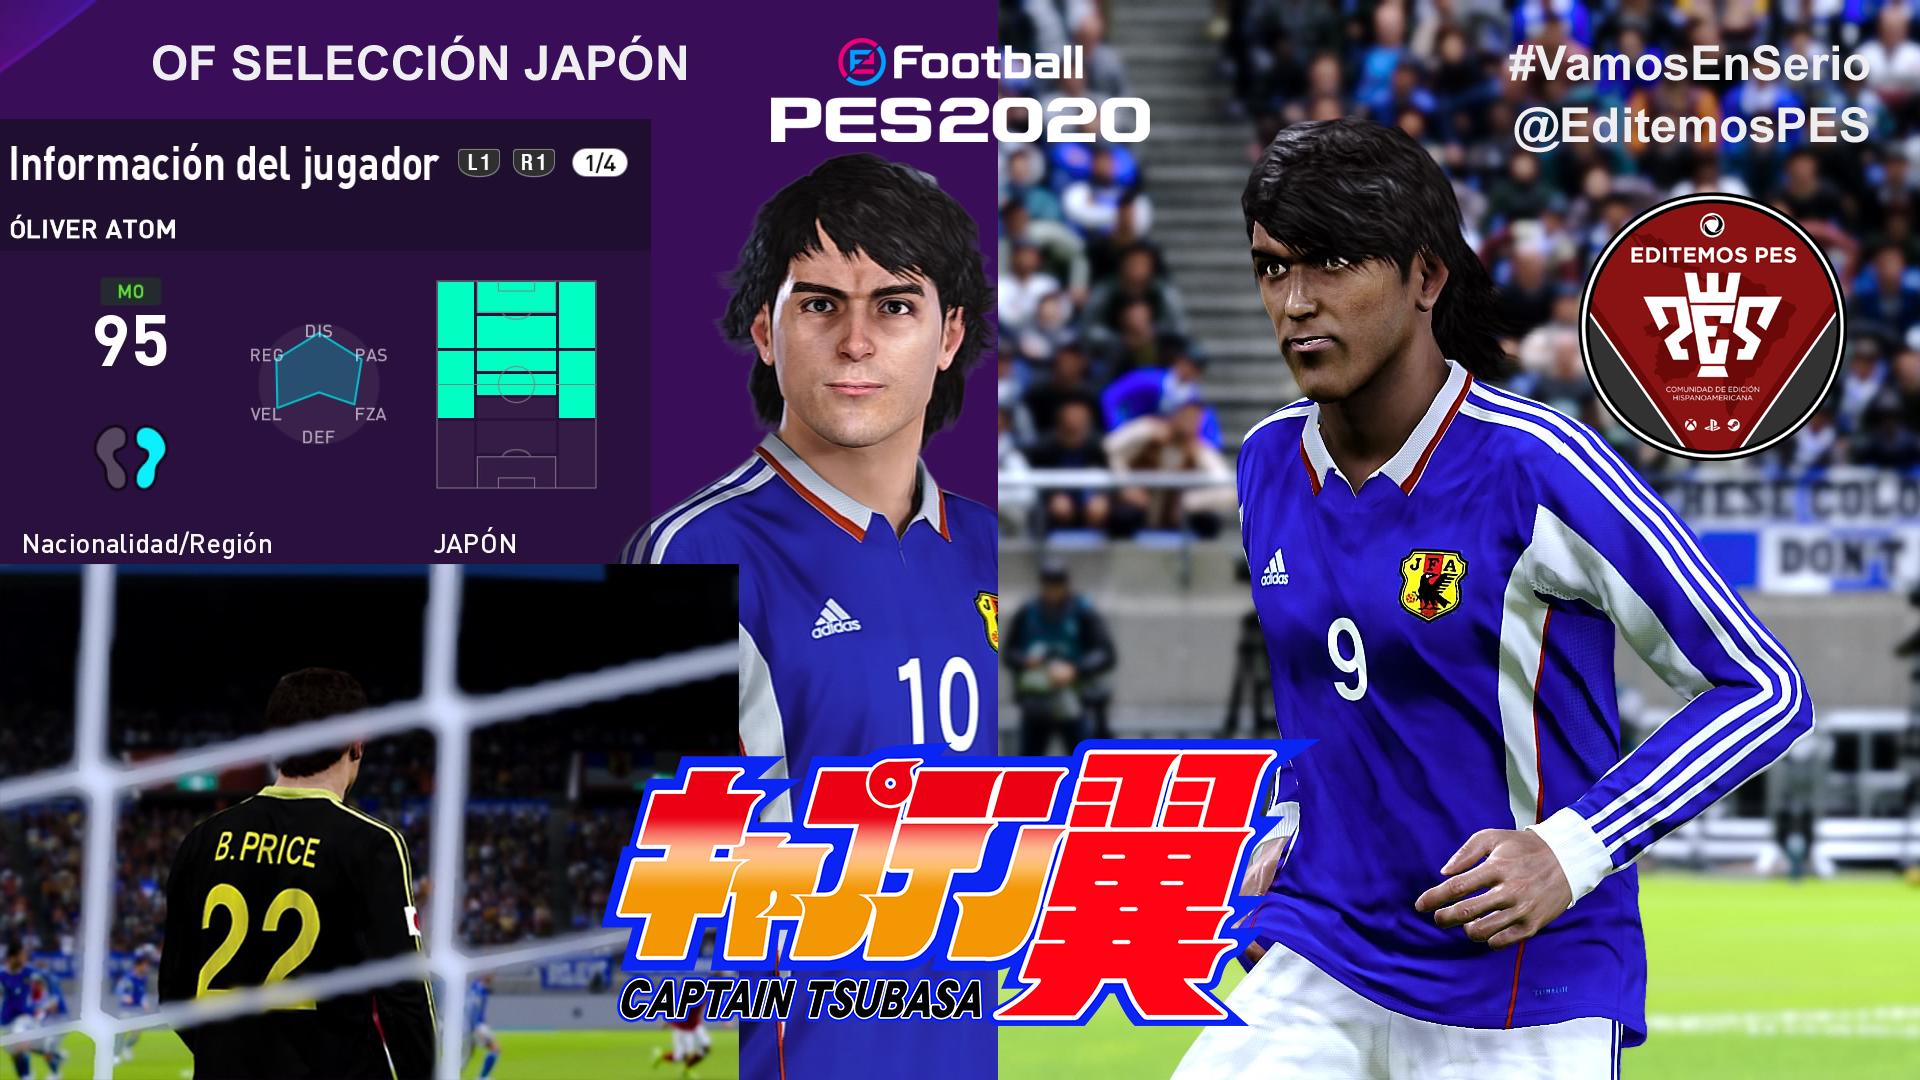 Option File de la selección de Japón – Campeones